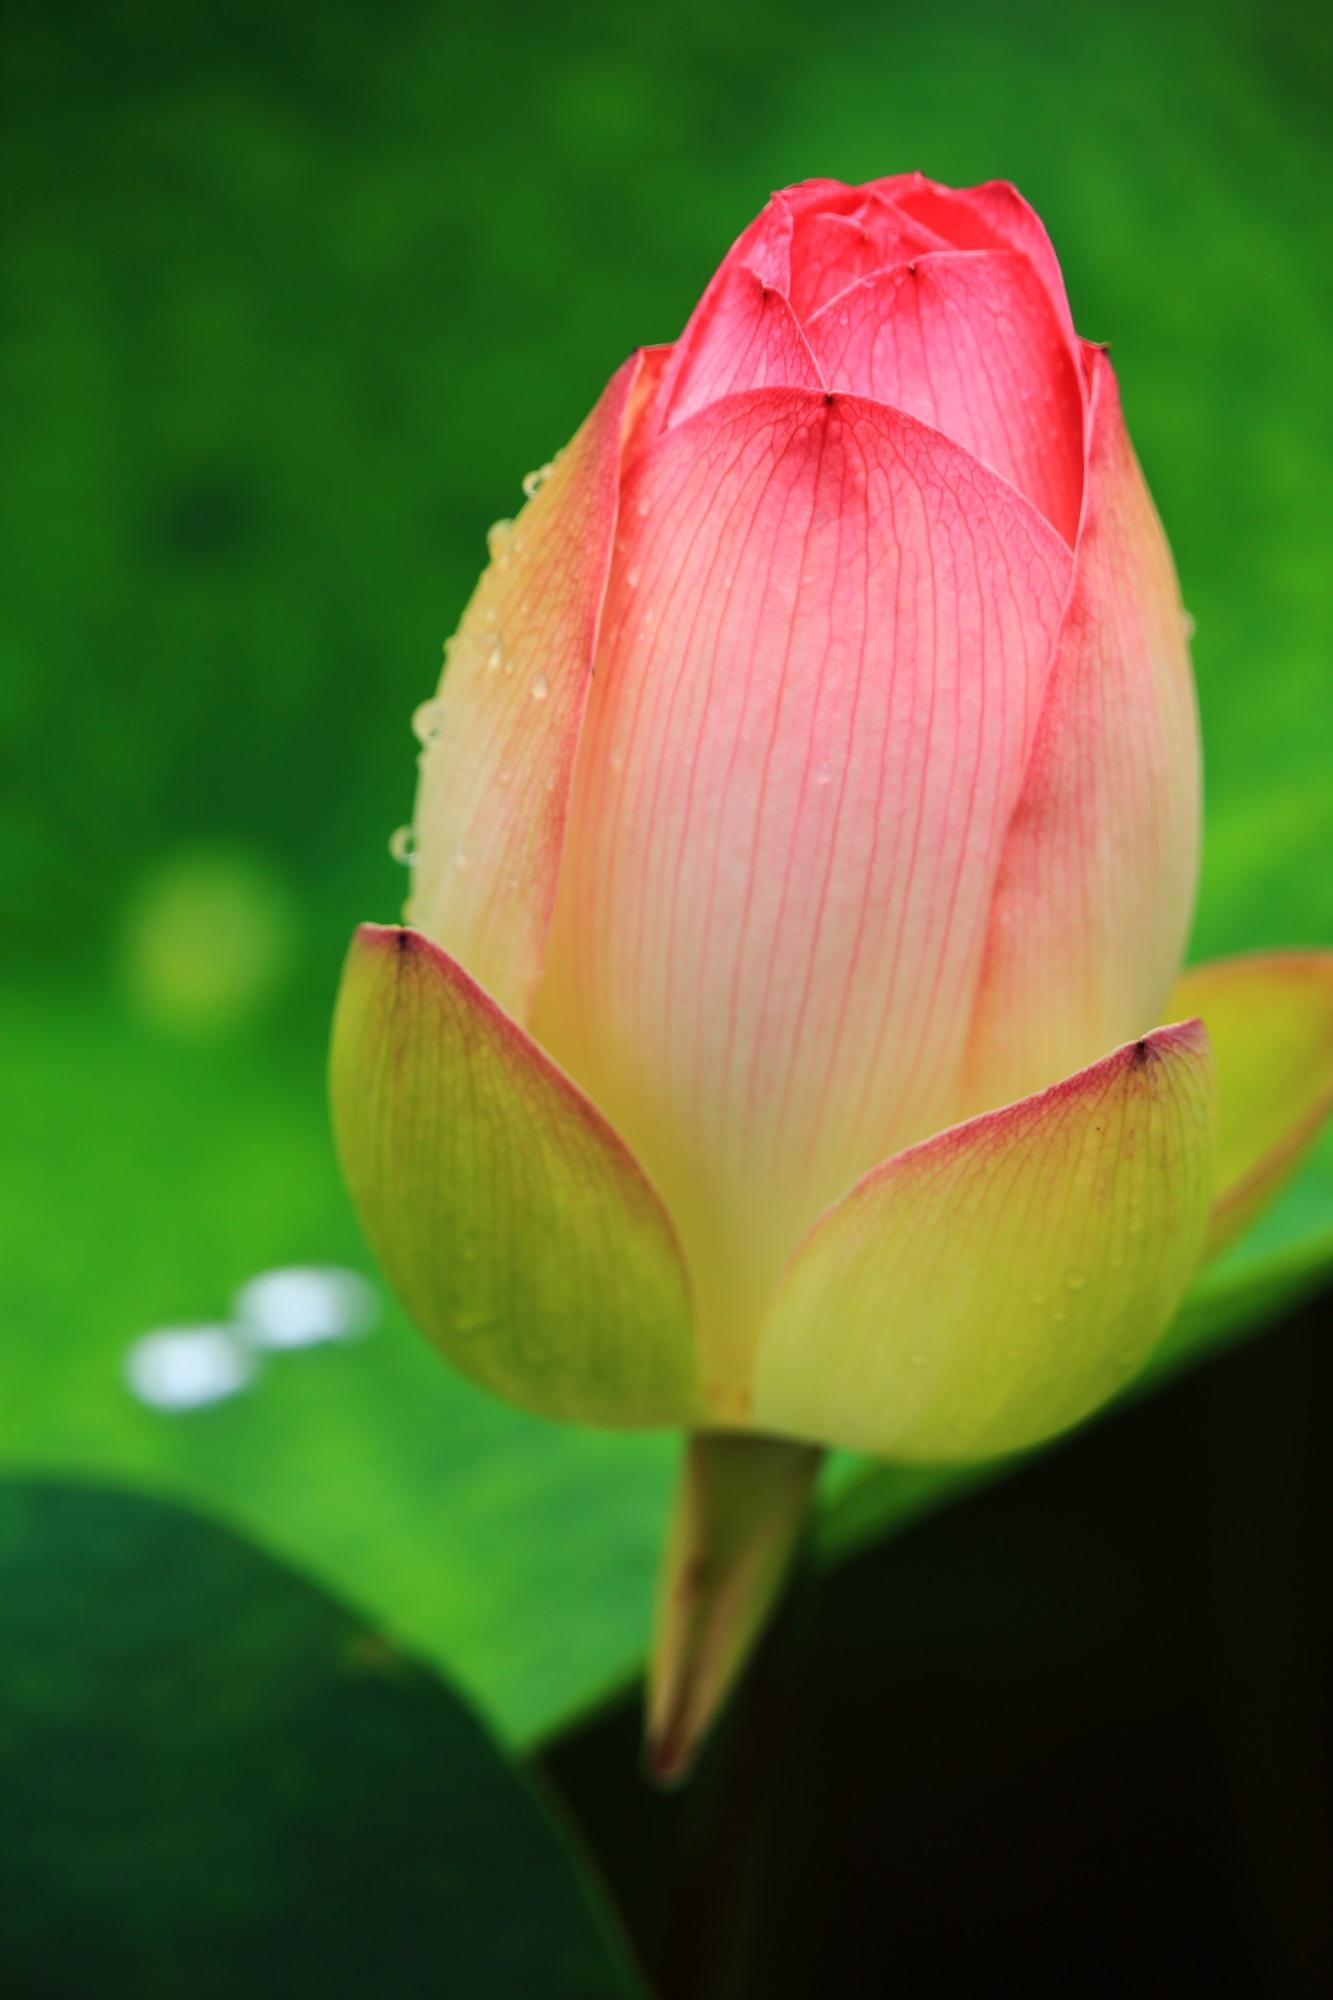 花びら一枚一枚は非常に繊細で可憐な蓮の花